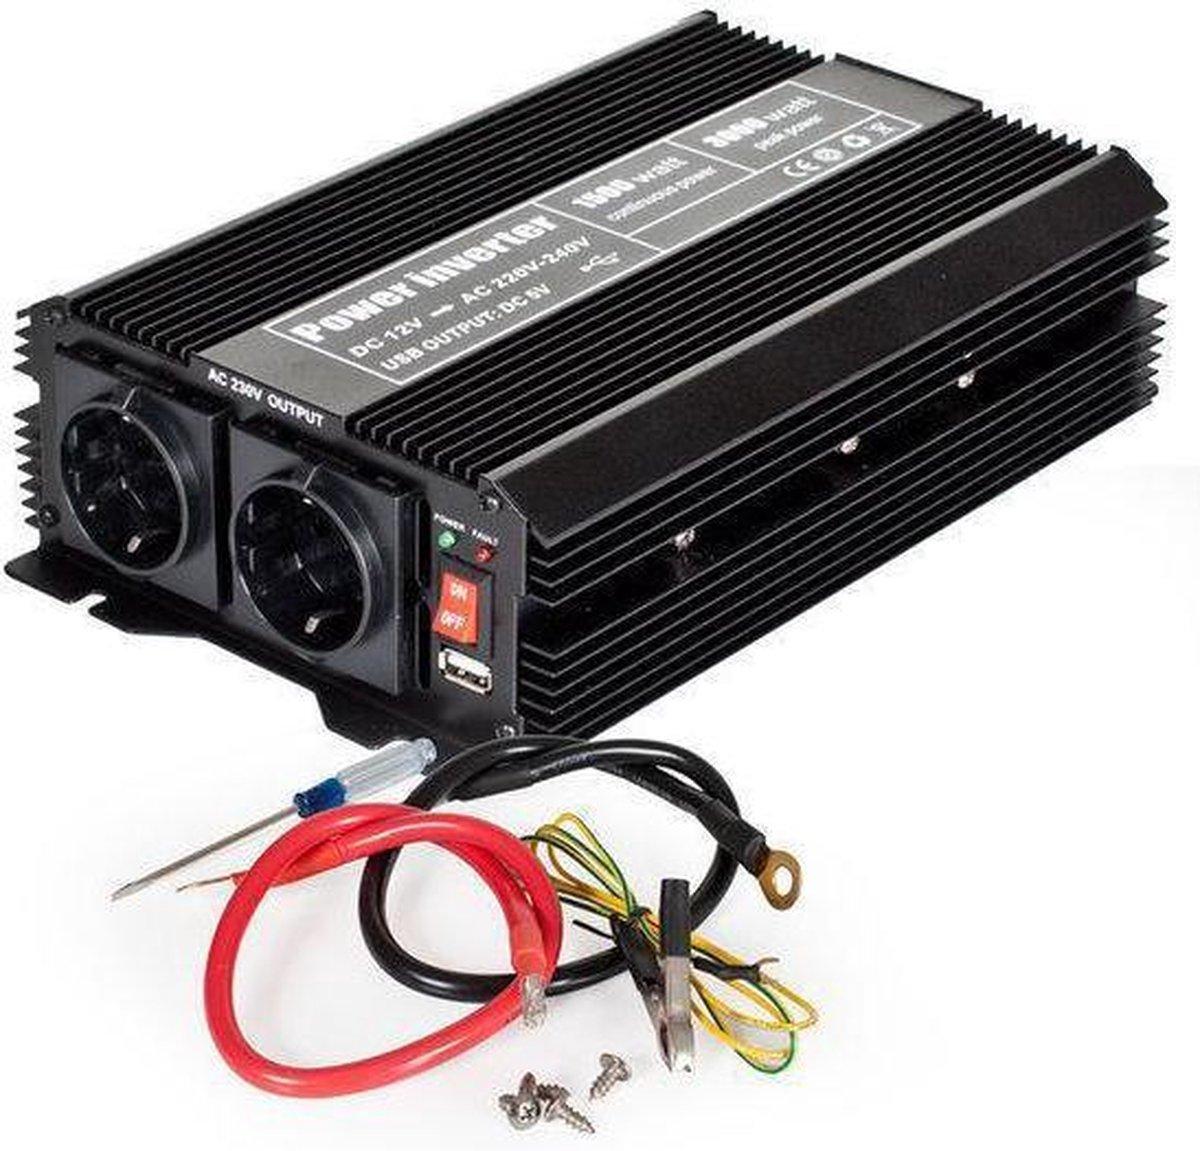 TecTake Spanningsomvormer - van 12V naar 230V 1500 Watt continue - 3000 Watt kortstondig - 400977